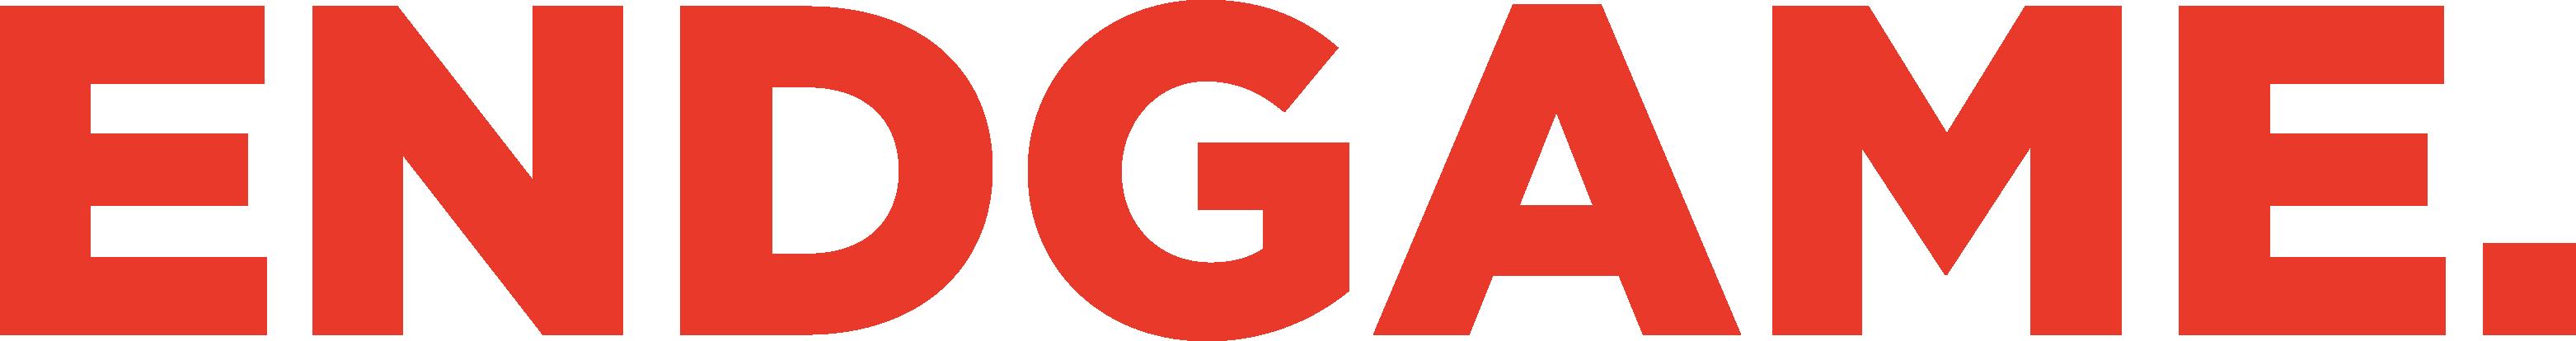 ENDGAME Logo